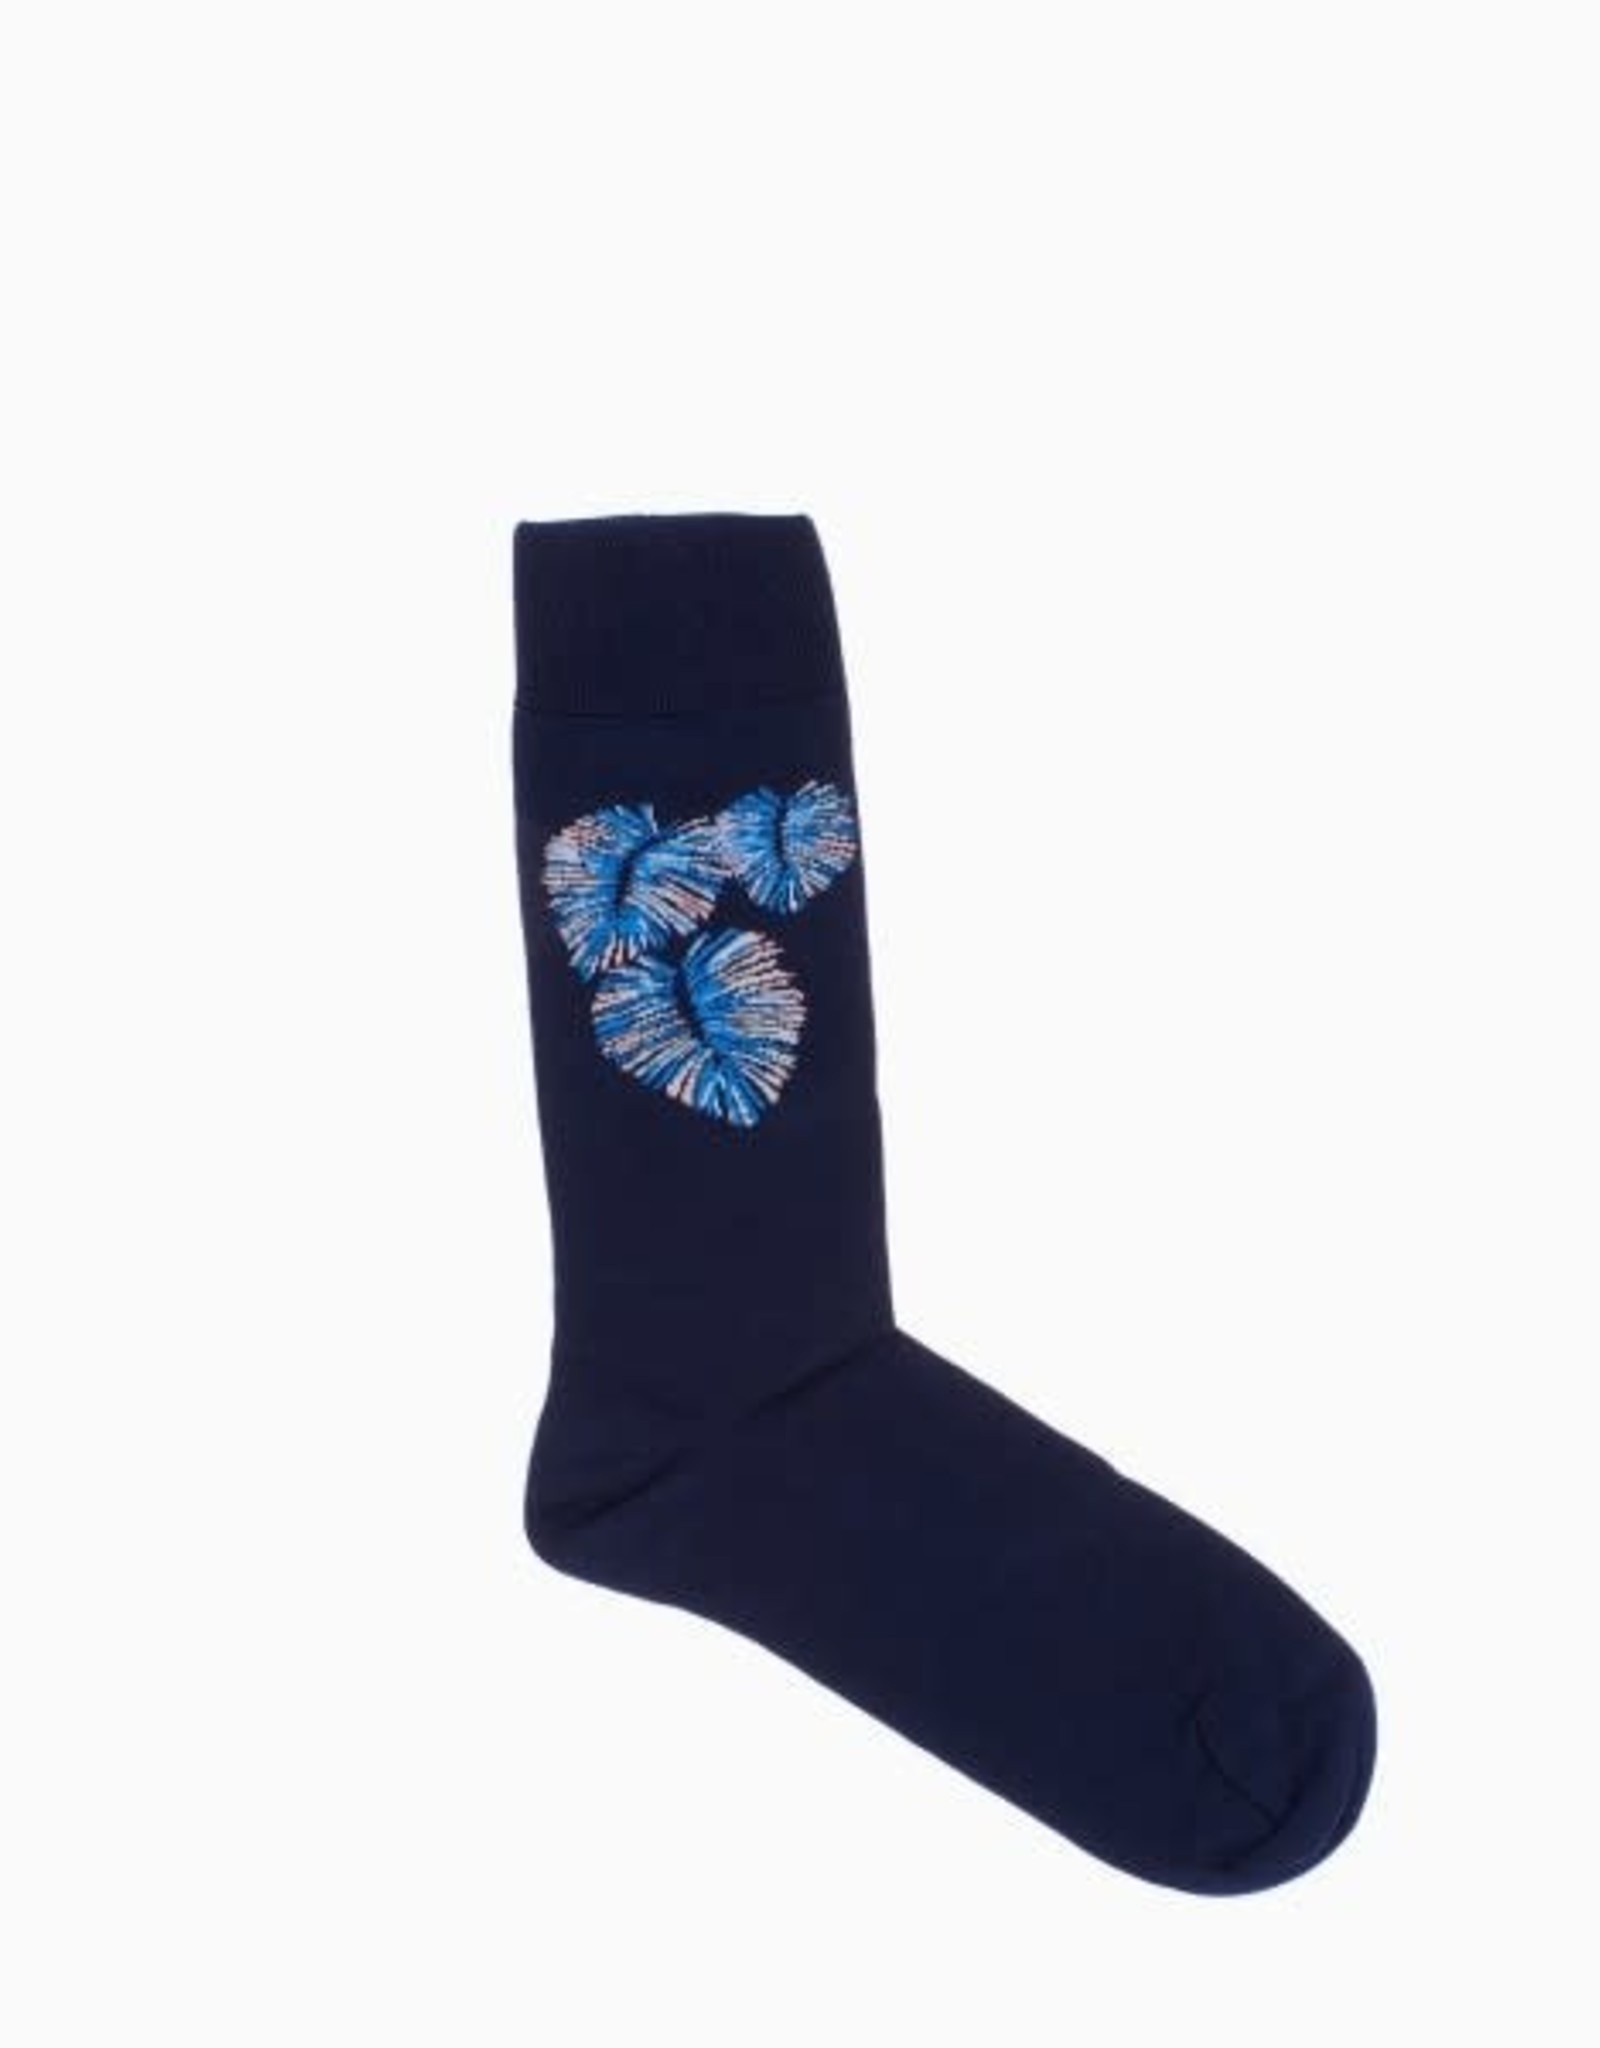 HOM Socks - Isatis